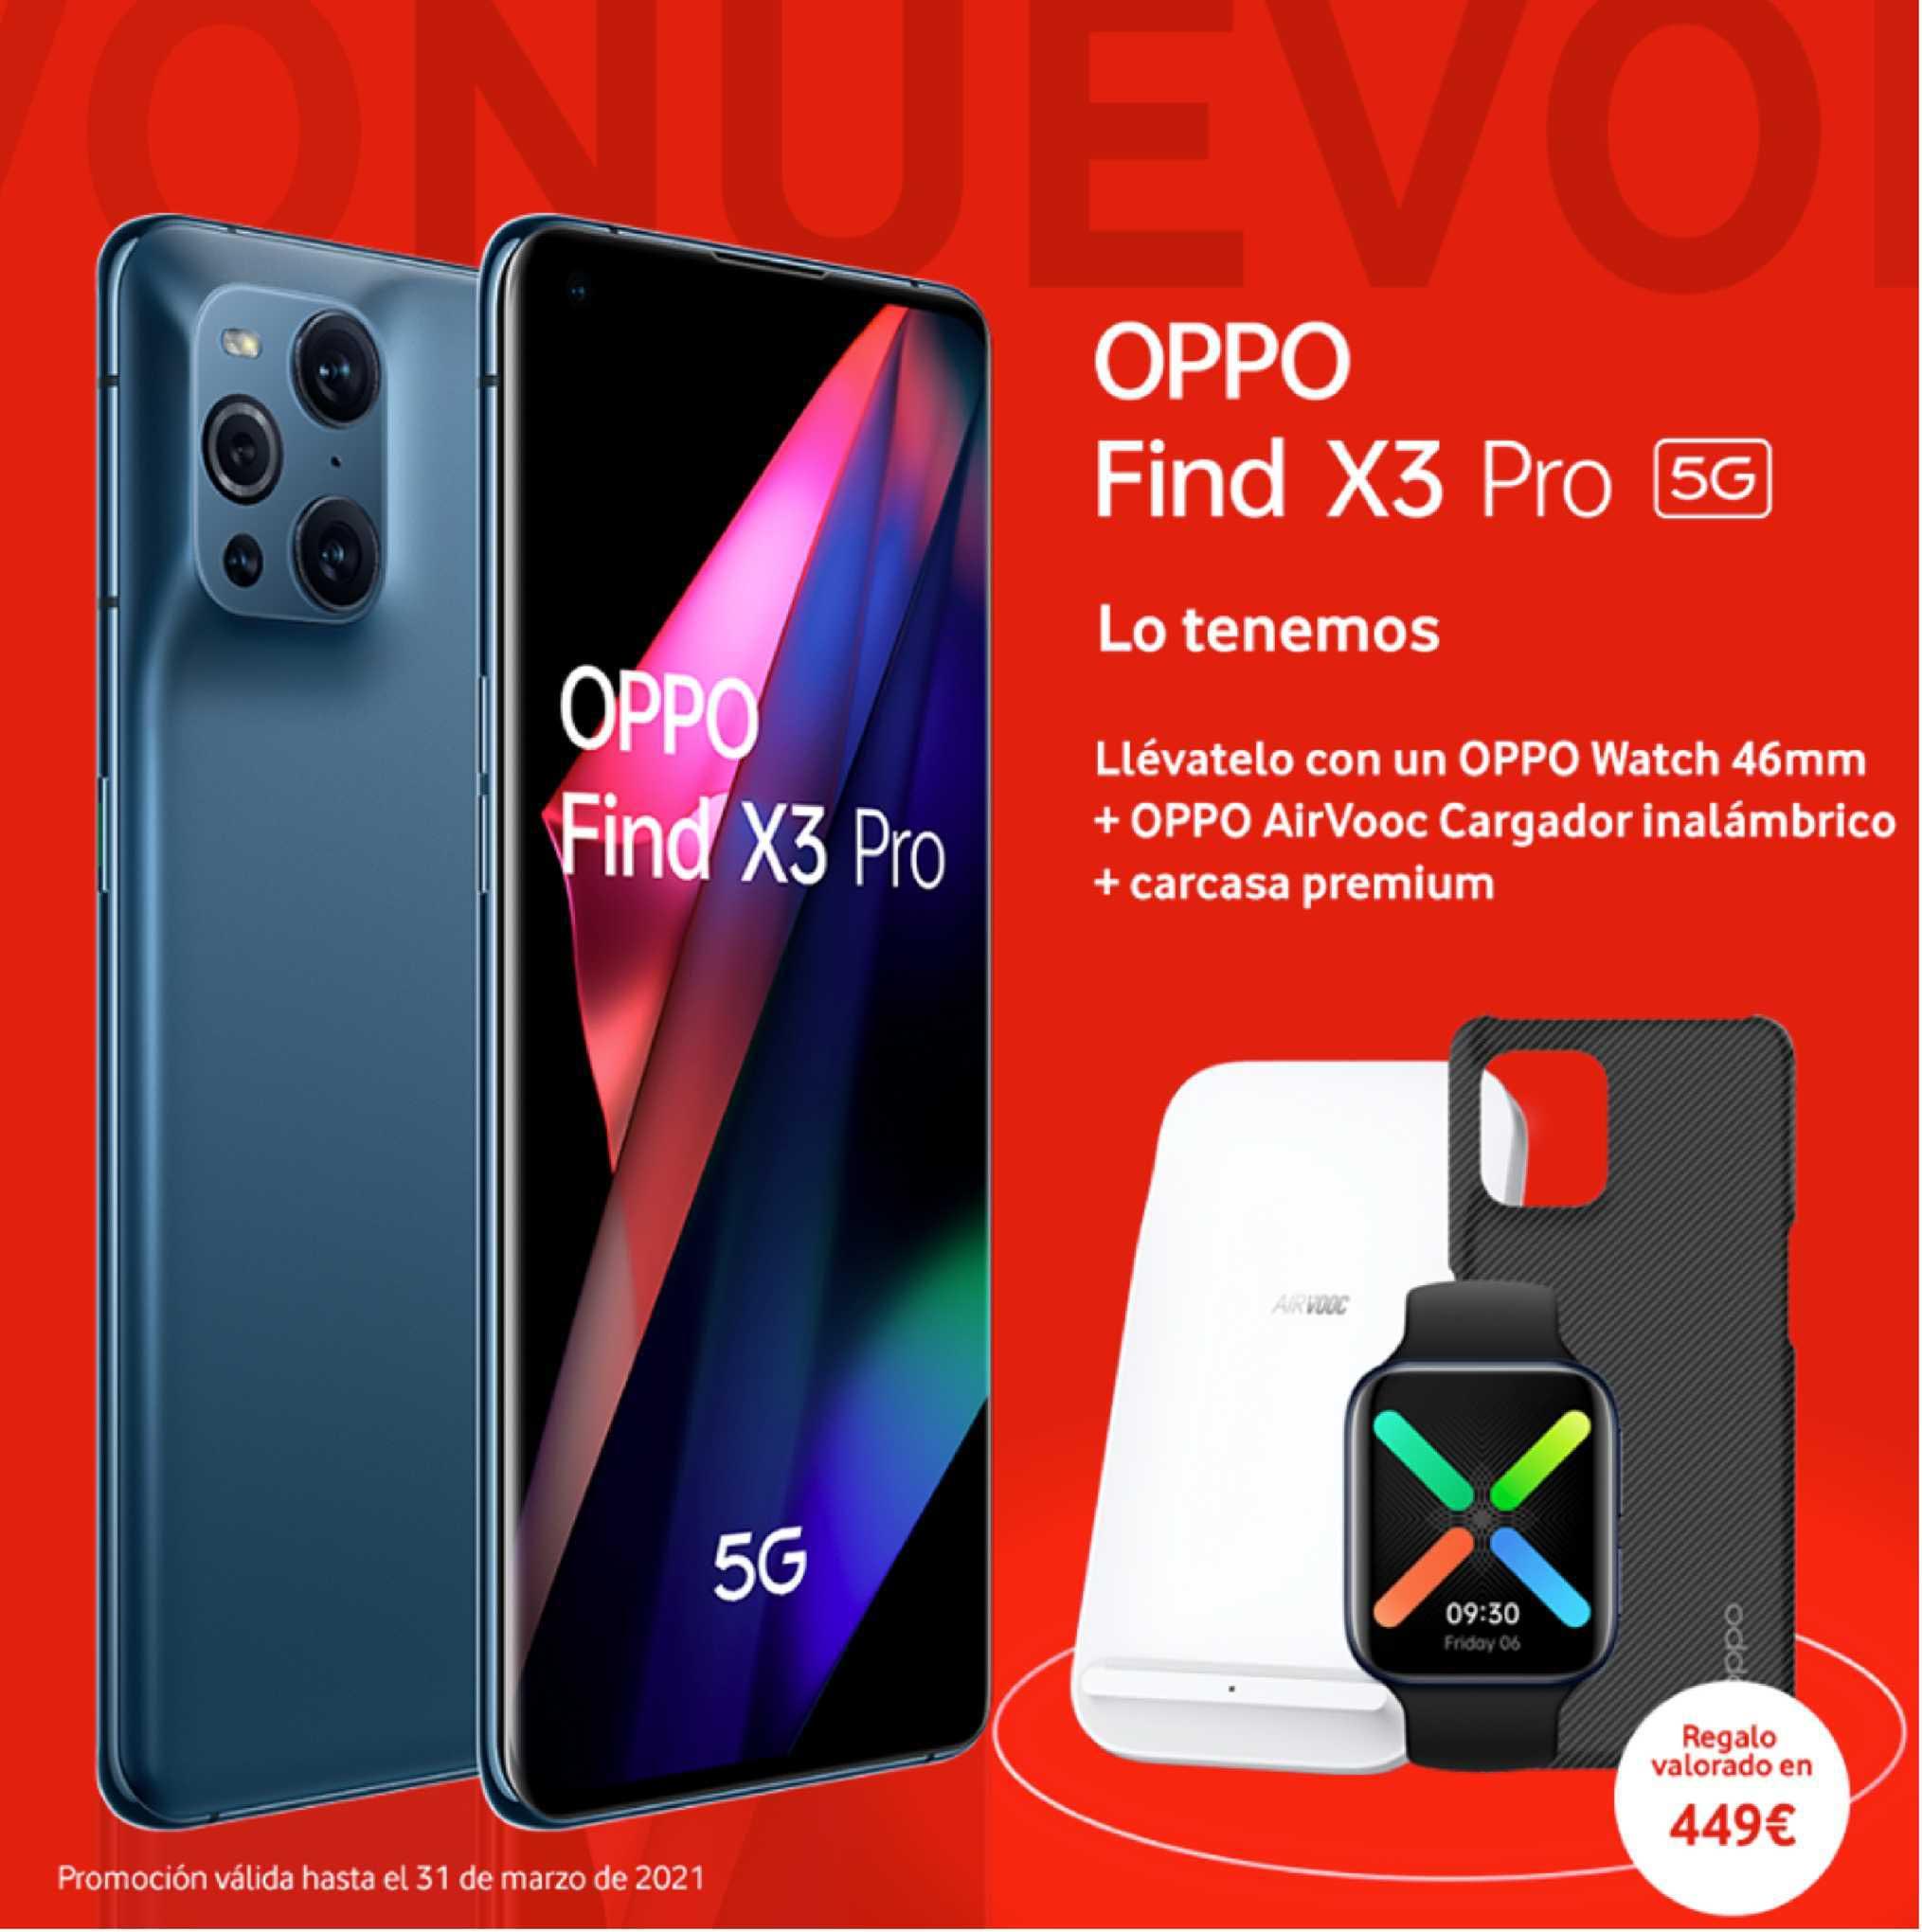 Vodafone Oppo Find X3 Pro